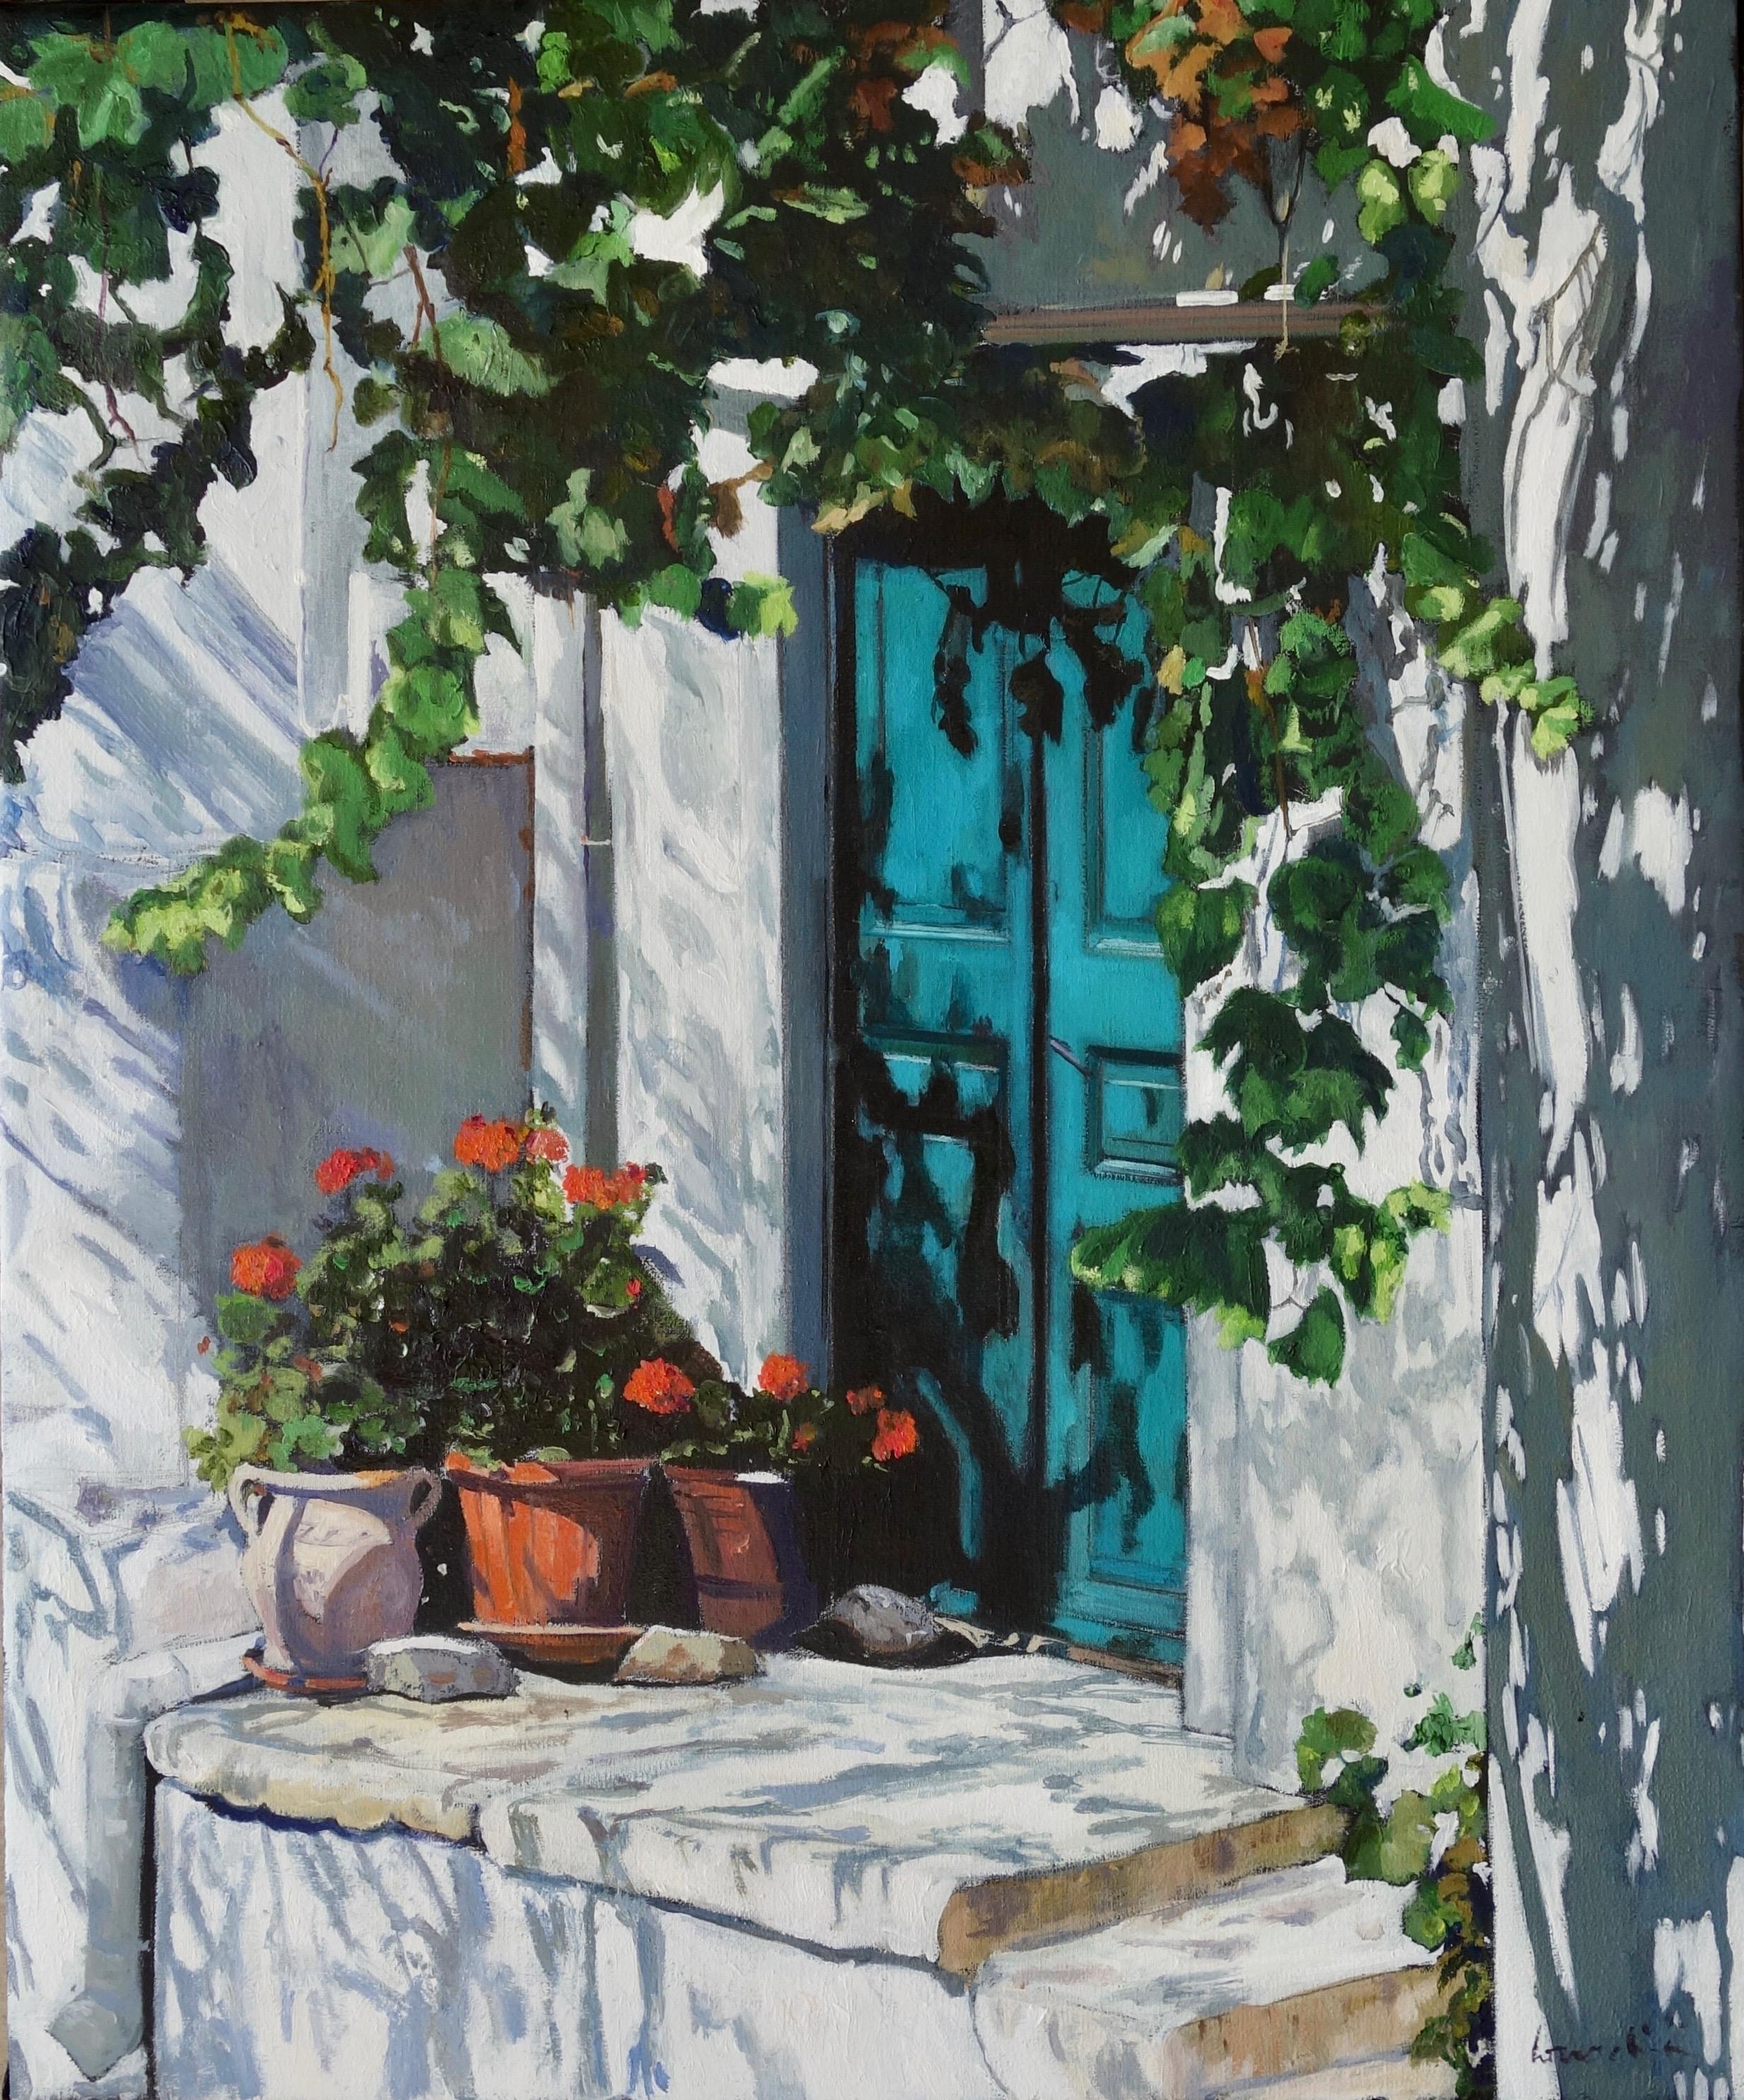 La porte verte 2